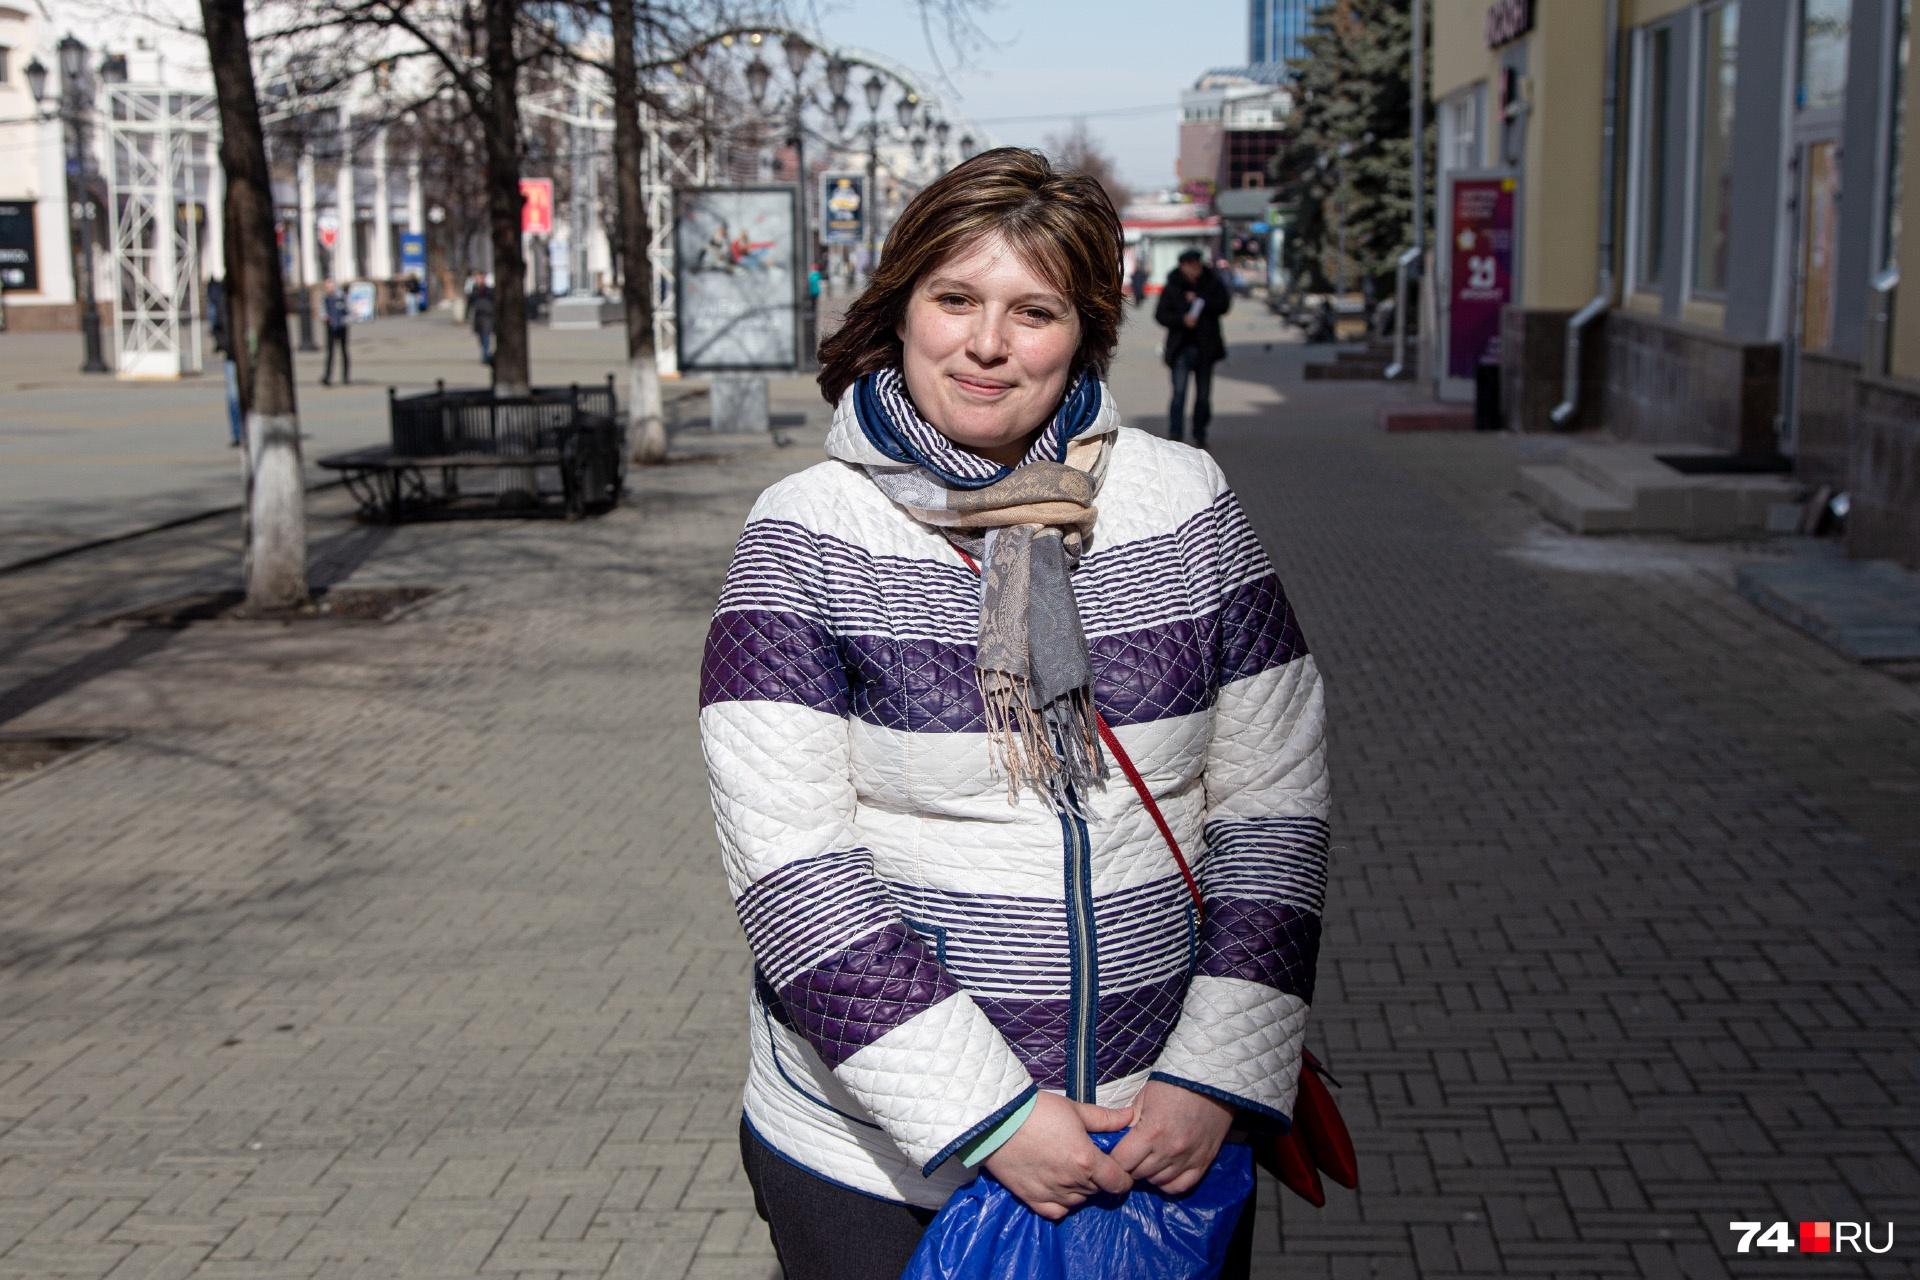 Ирина заинтересована в работе, сколько дверей она продаст — такая будет и зарплата